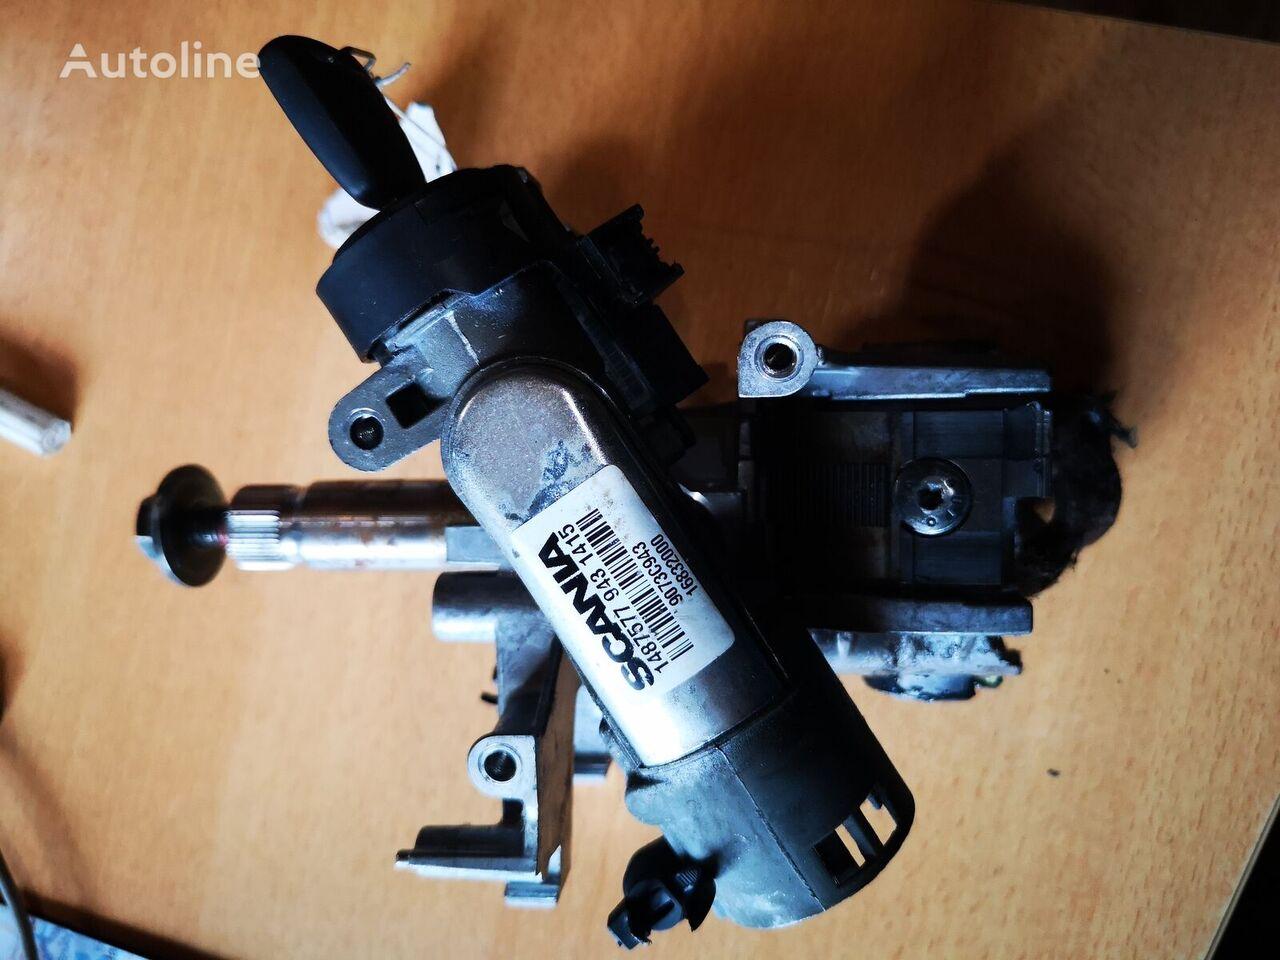 SCANIA (1487577) cerradura de encendido para SCANIA R480 , 1487577 camión